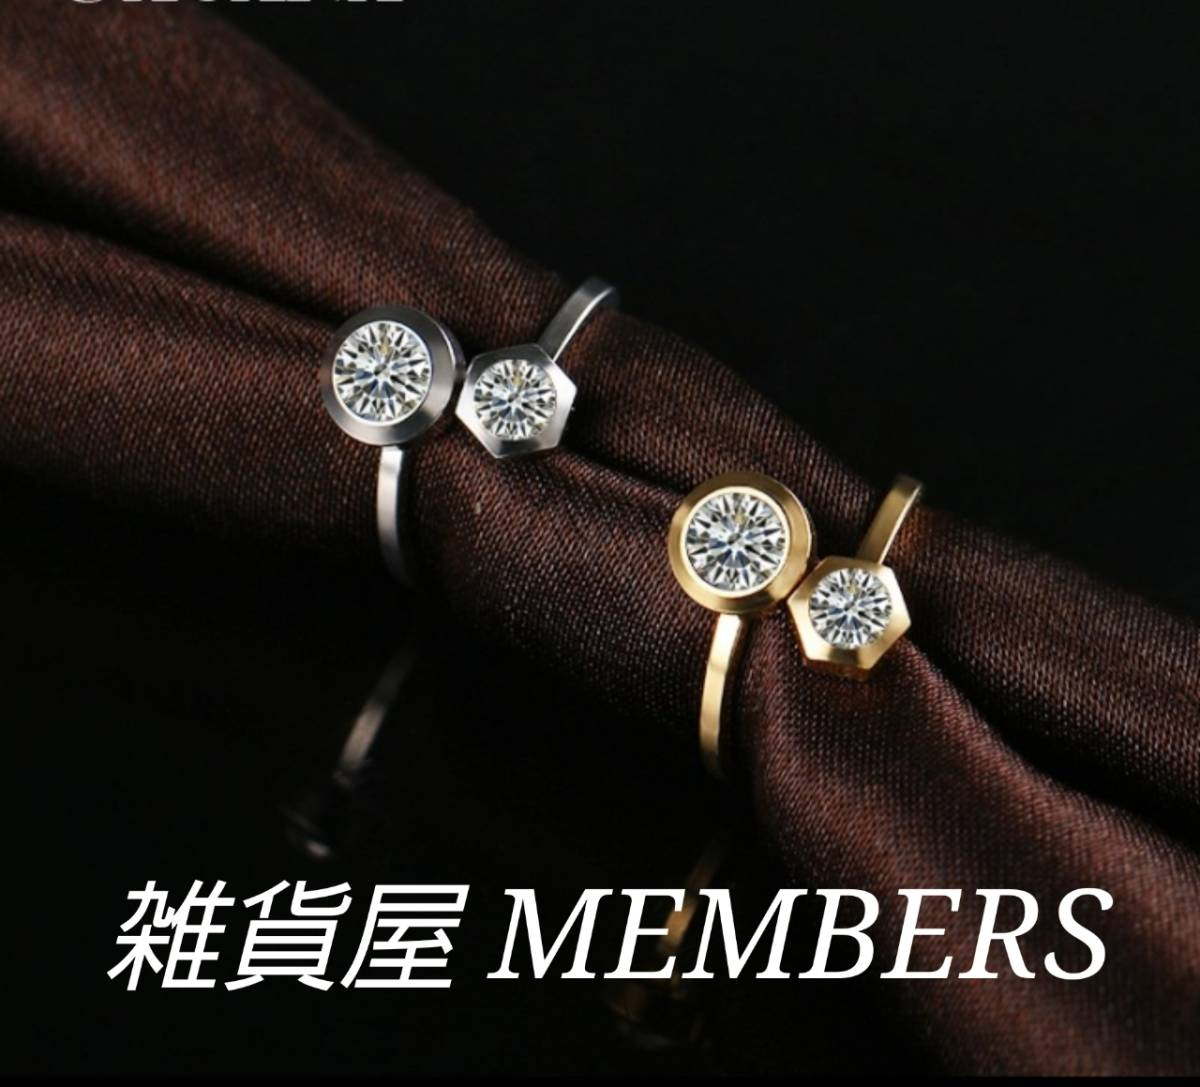 送料無料15号クロムシルバー2PスーパーCZダイヤモンドデザイナーズジュエリーリング指輪セレブモデル芸能人愛用ガールズレディース値下げ_画像2